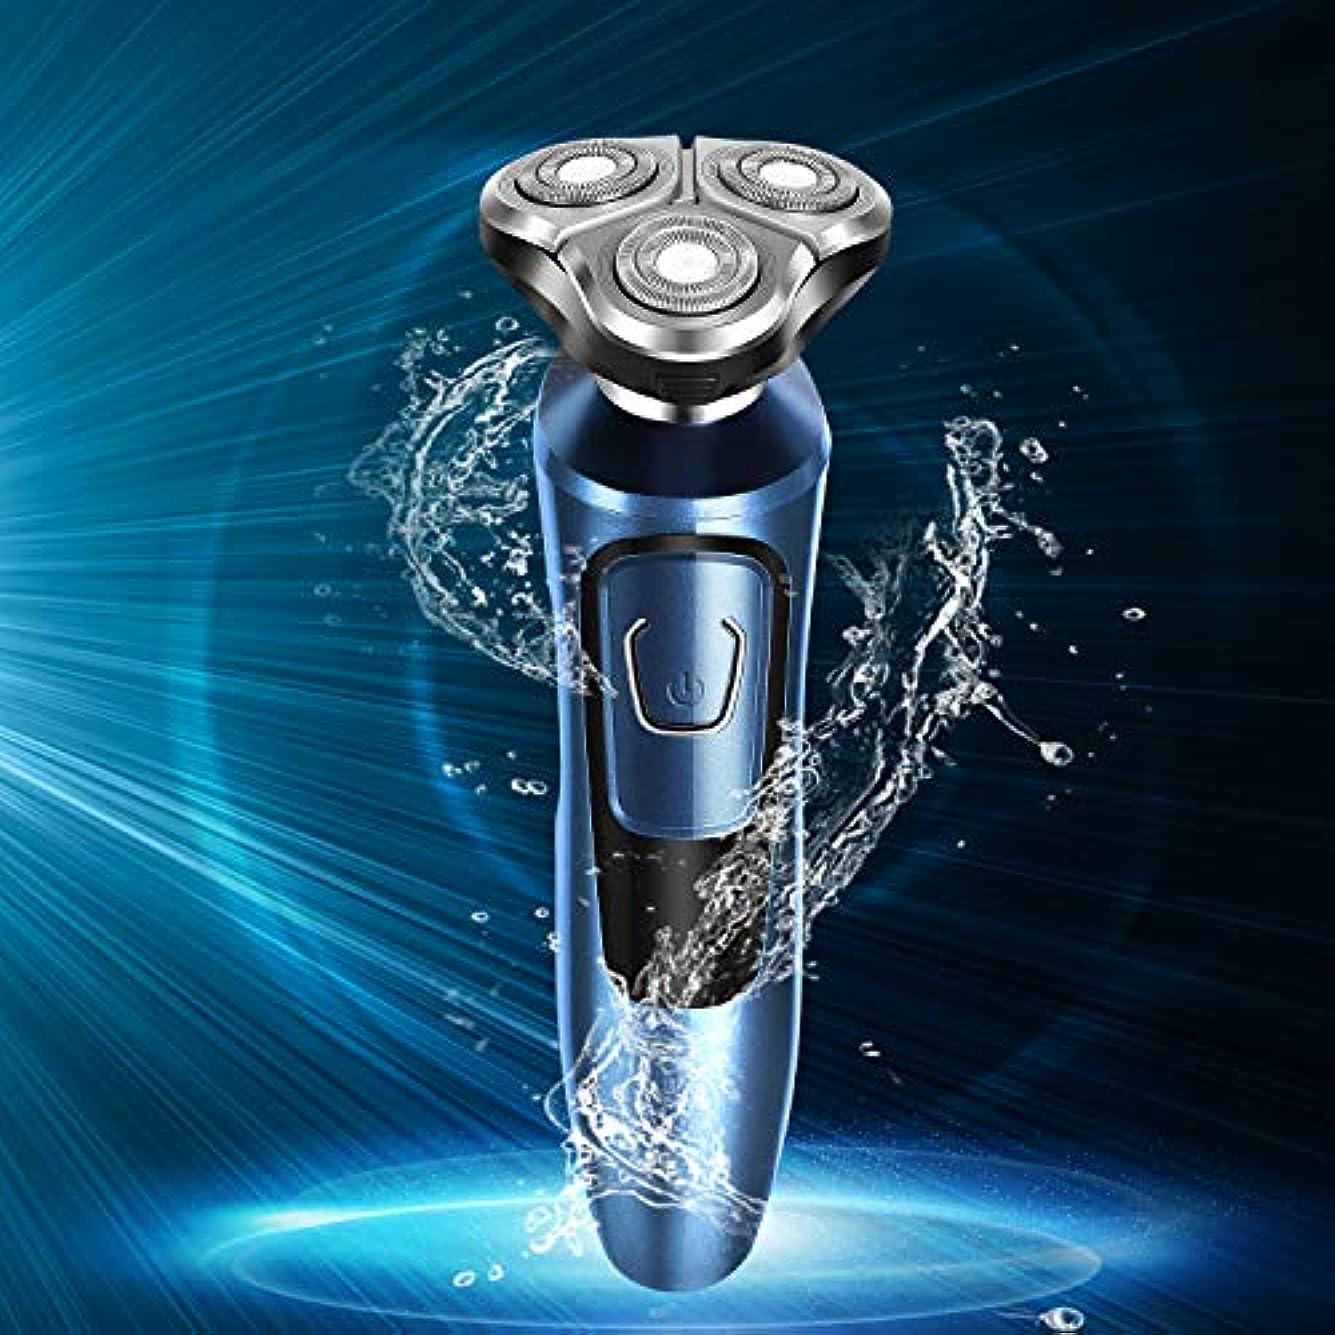 内向き圧縮されたバーターシェーバー 電動シェーバー メンズ 電気シェーバー 髭剃り USB充電式 1台3役 3枚刃 回転式 LEDディスプレイ IPX7防水 水洗可能 3D鼻毛カッター トリマー 洗顔ブラシ付き 多機能 安全ロック機能付き